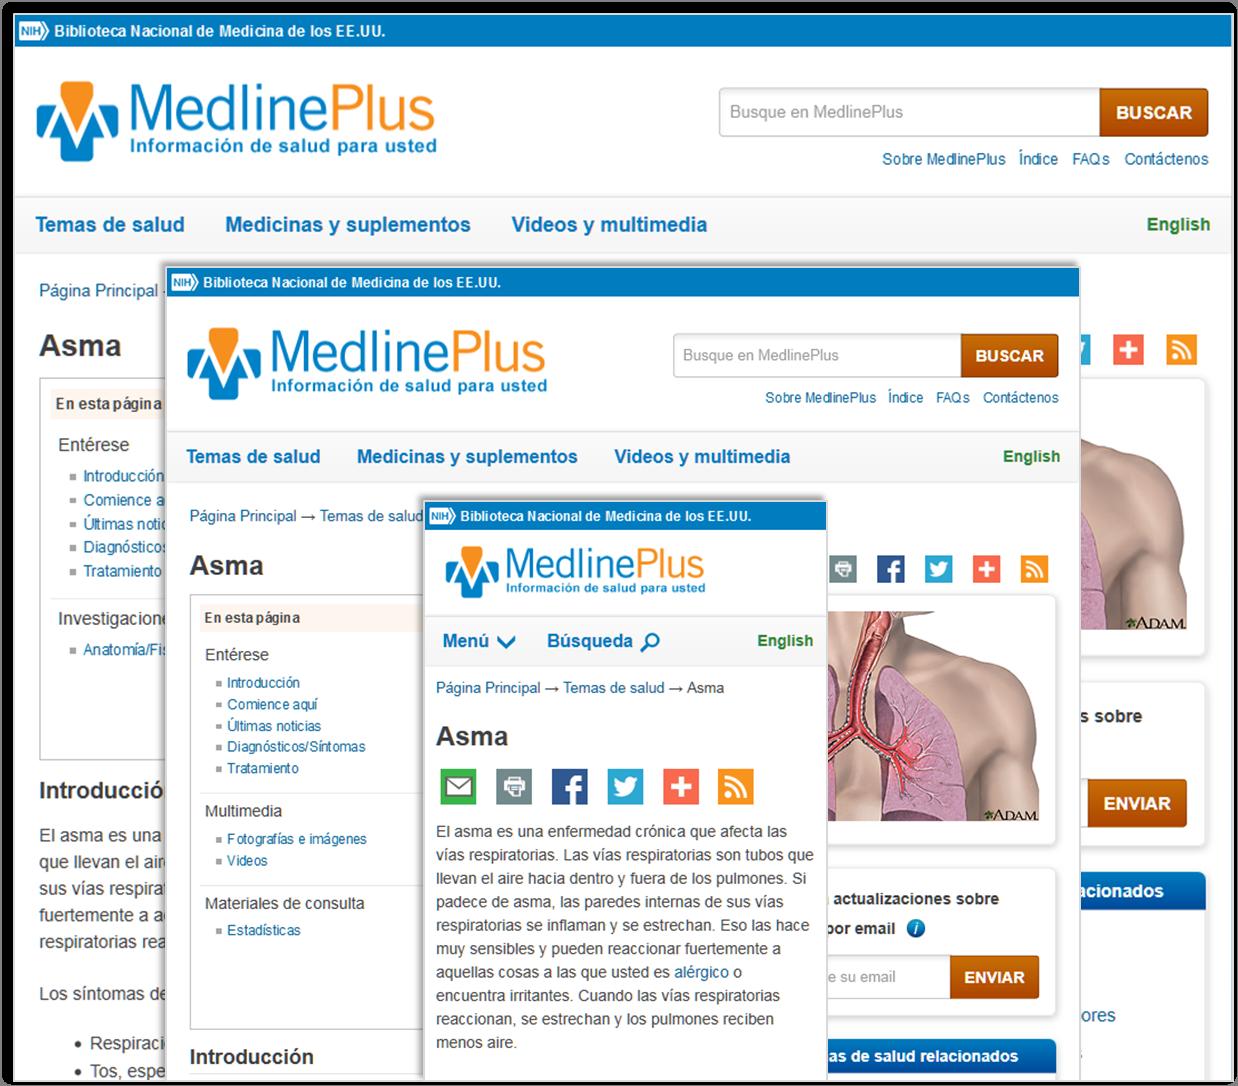 Página de asma en las versiones de computadora, tableta y teléfono